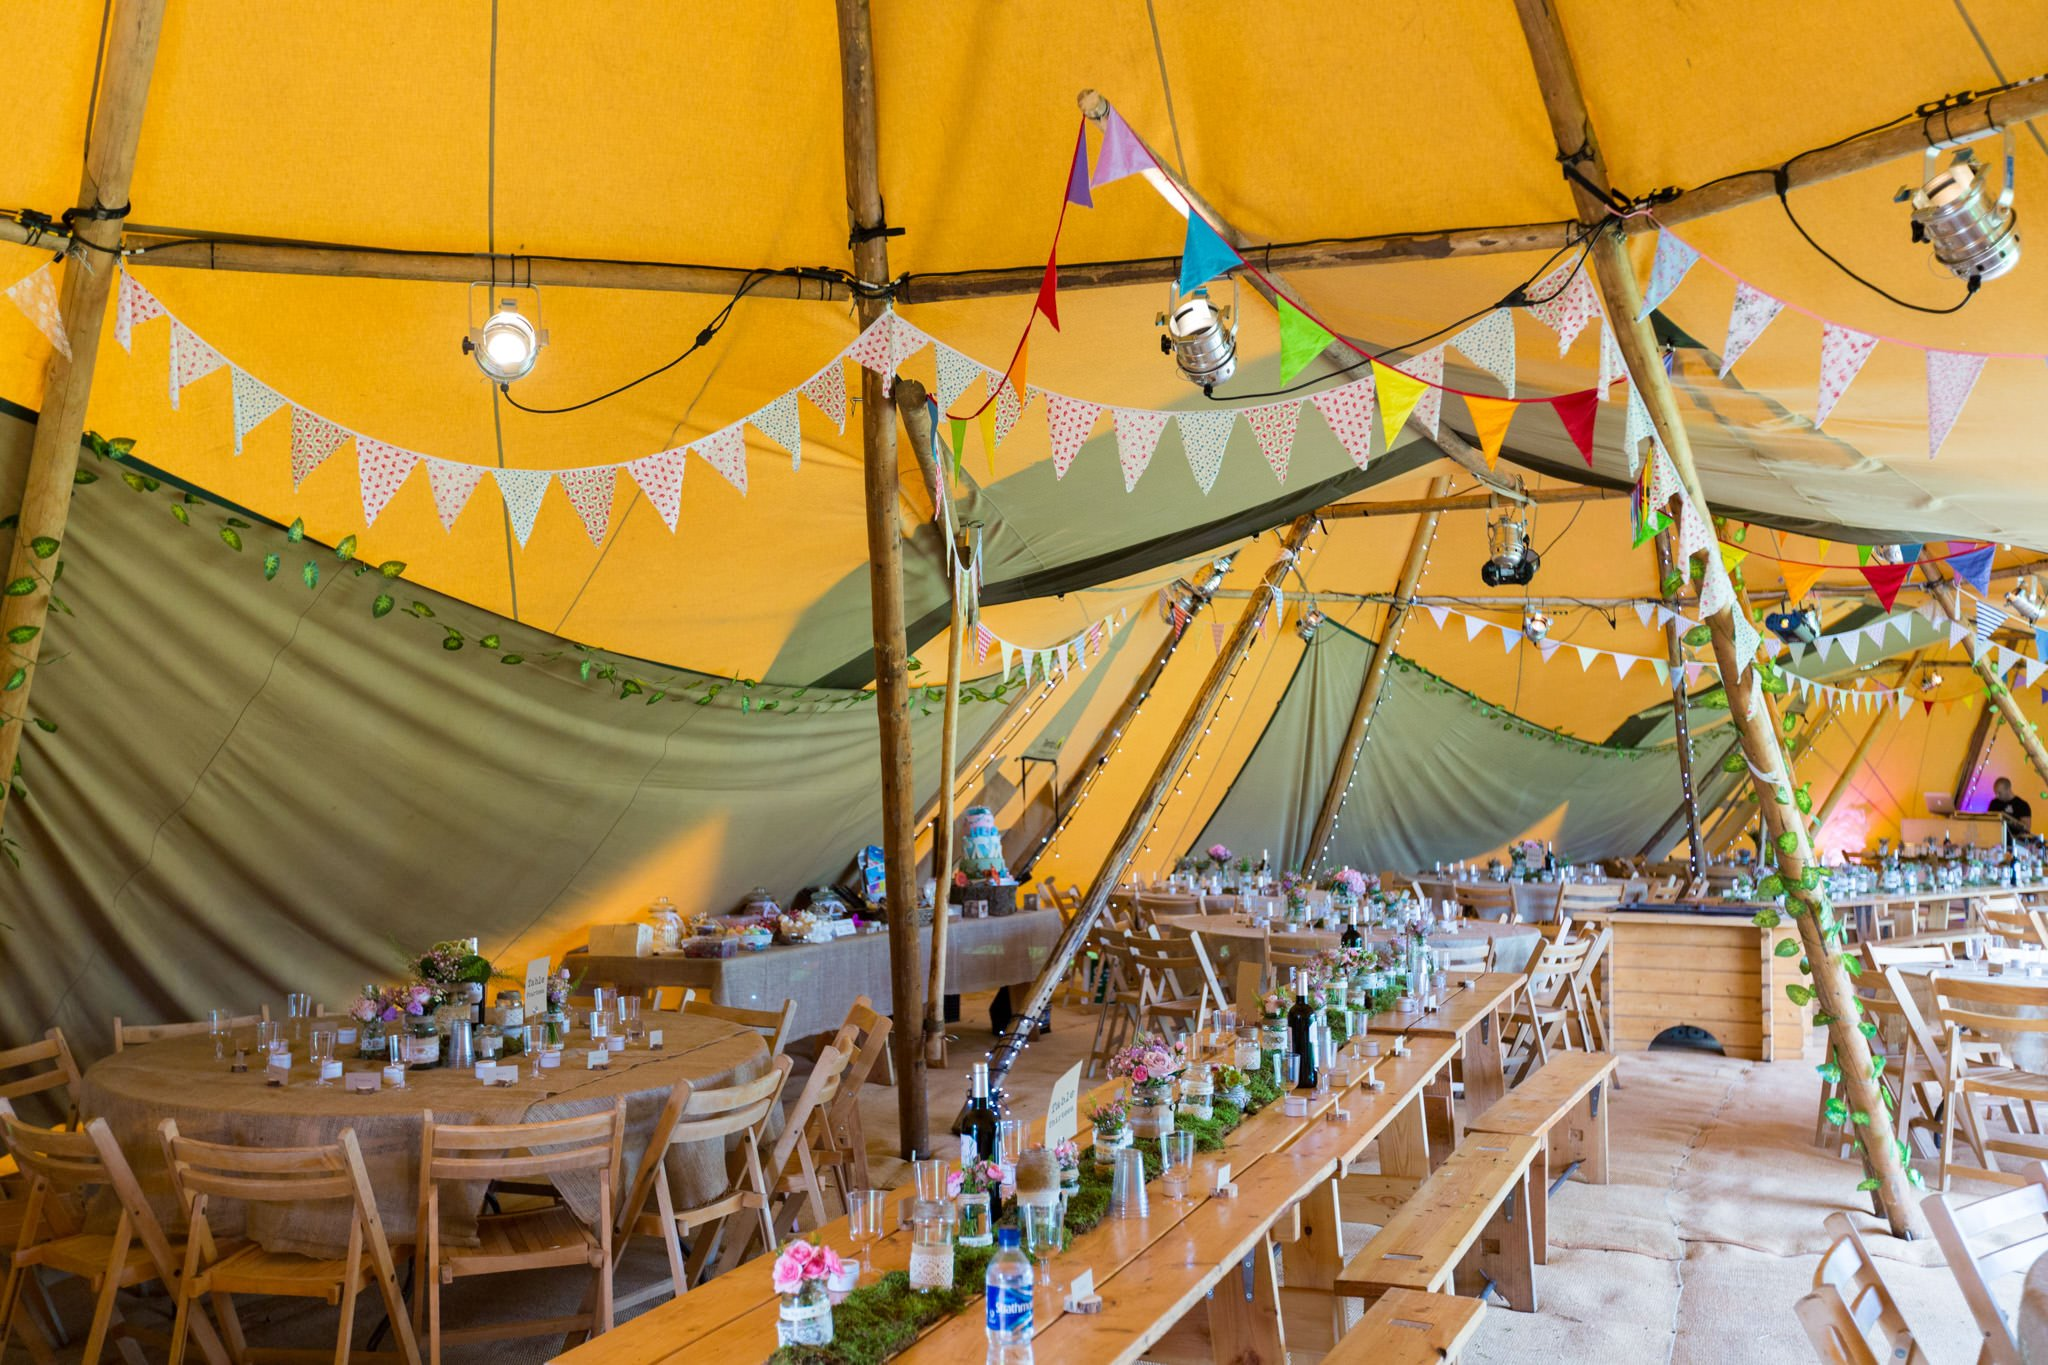 Tipi-Wedding-Photography-Cheshire-Photographer-20140913--10012